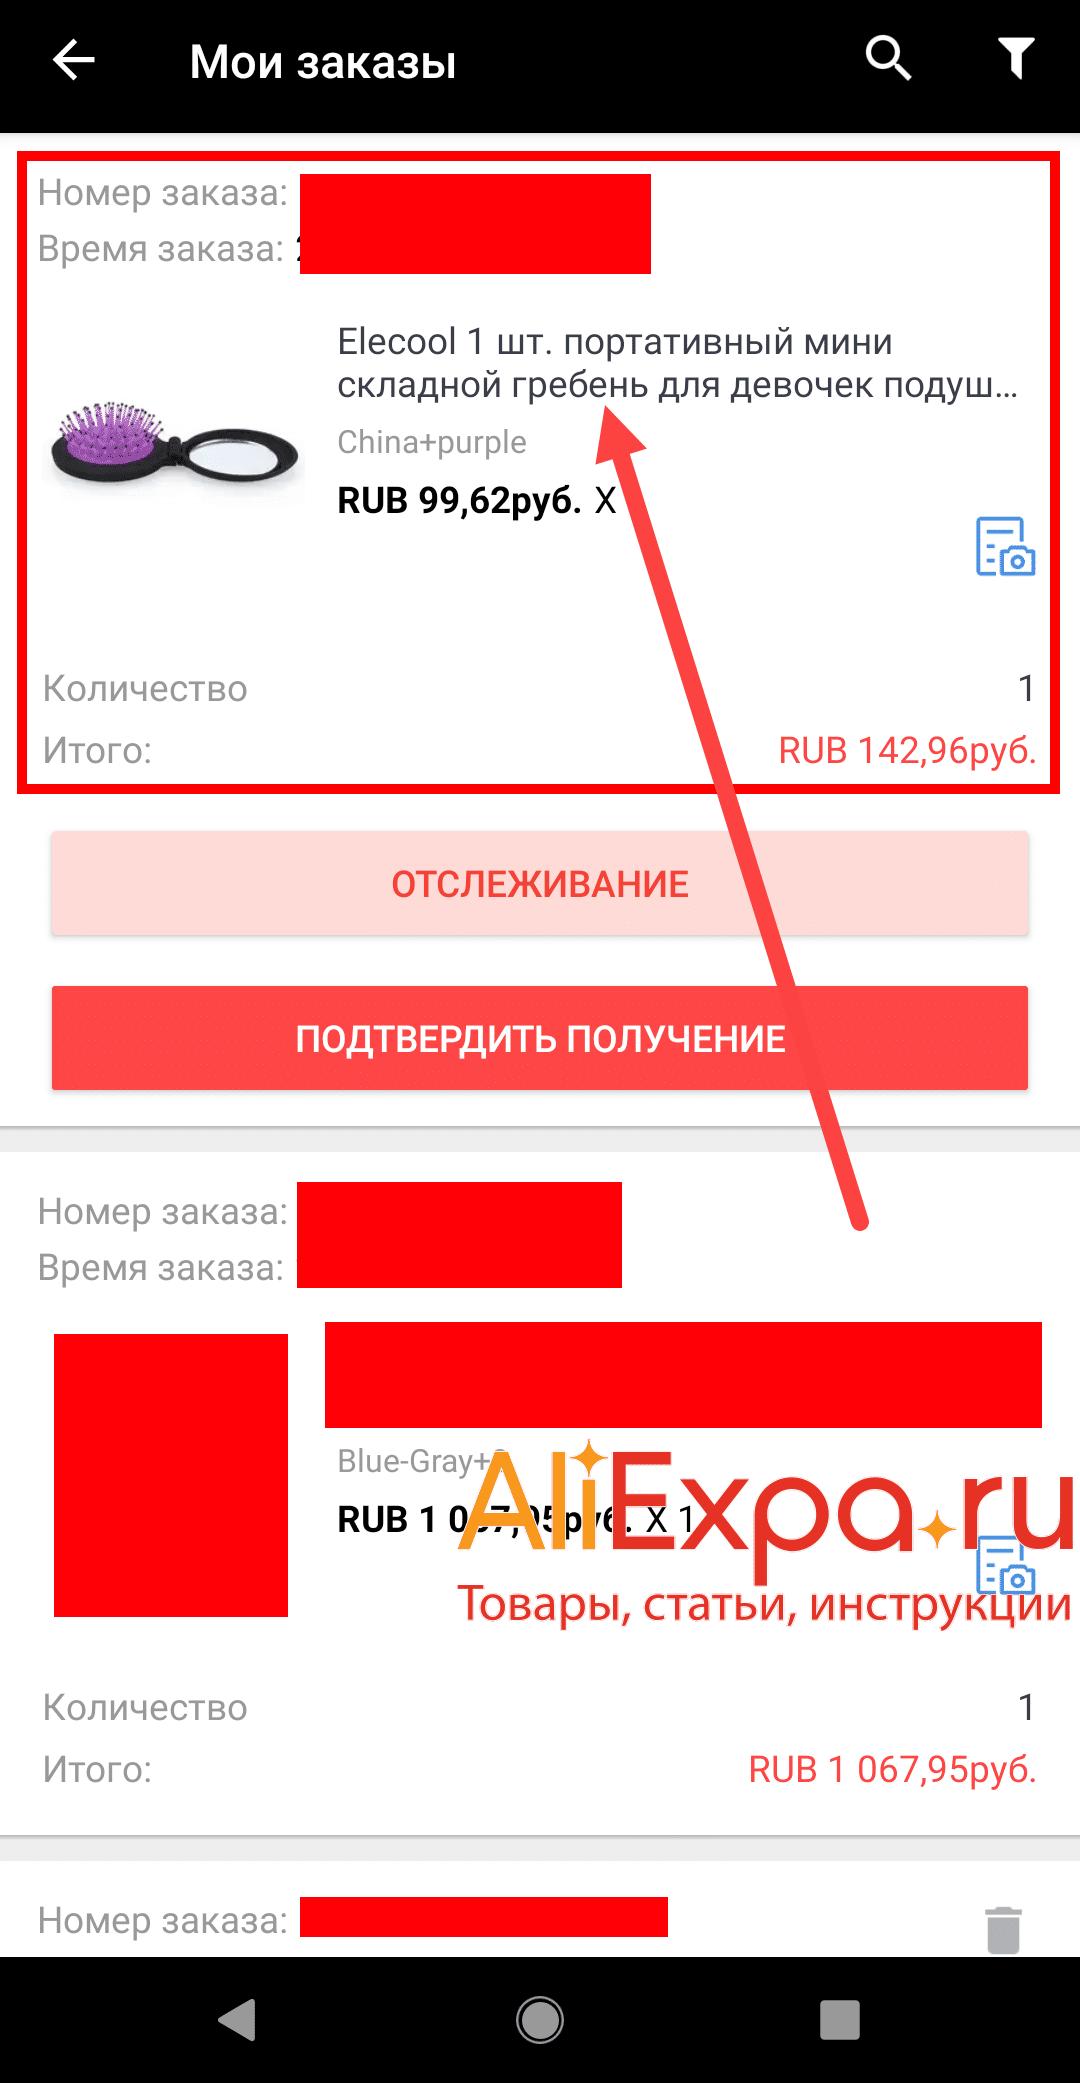 Как добавить магазин в любимые на Алиэкспресс через приложение | Как добавить магазин в любимые на Алиэкспресс